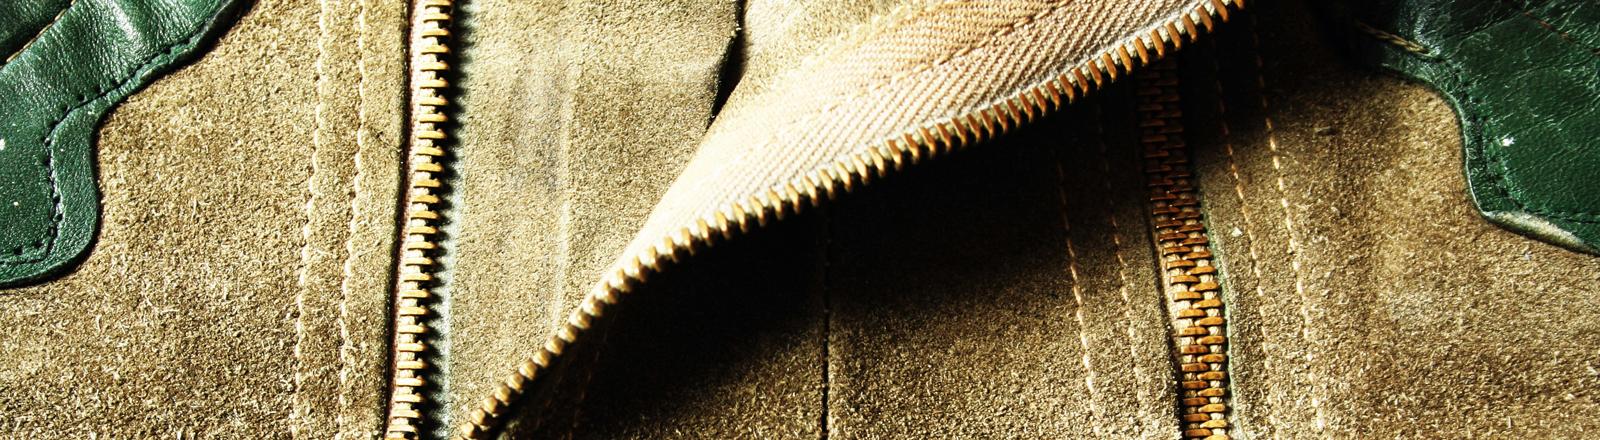 Lederhose - eine bayerische Symboltracht